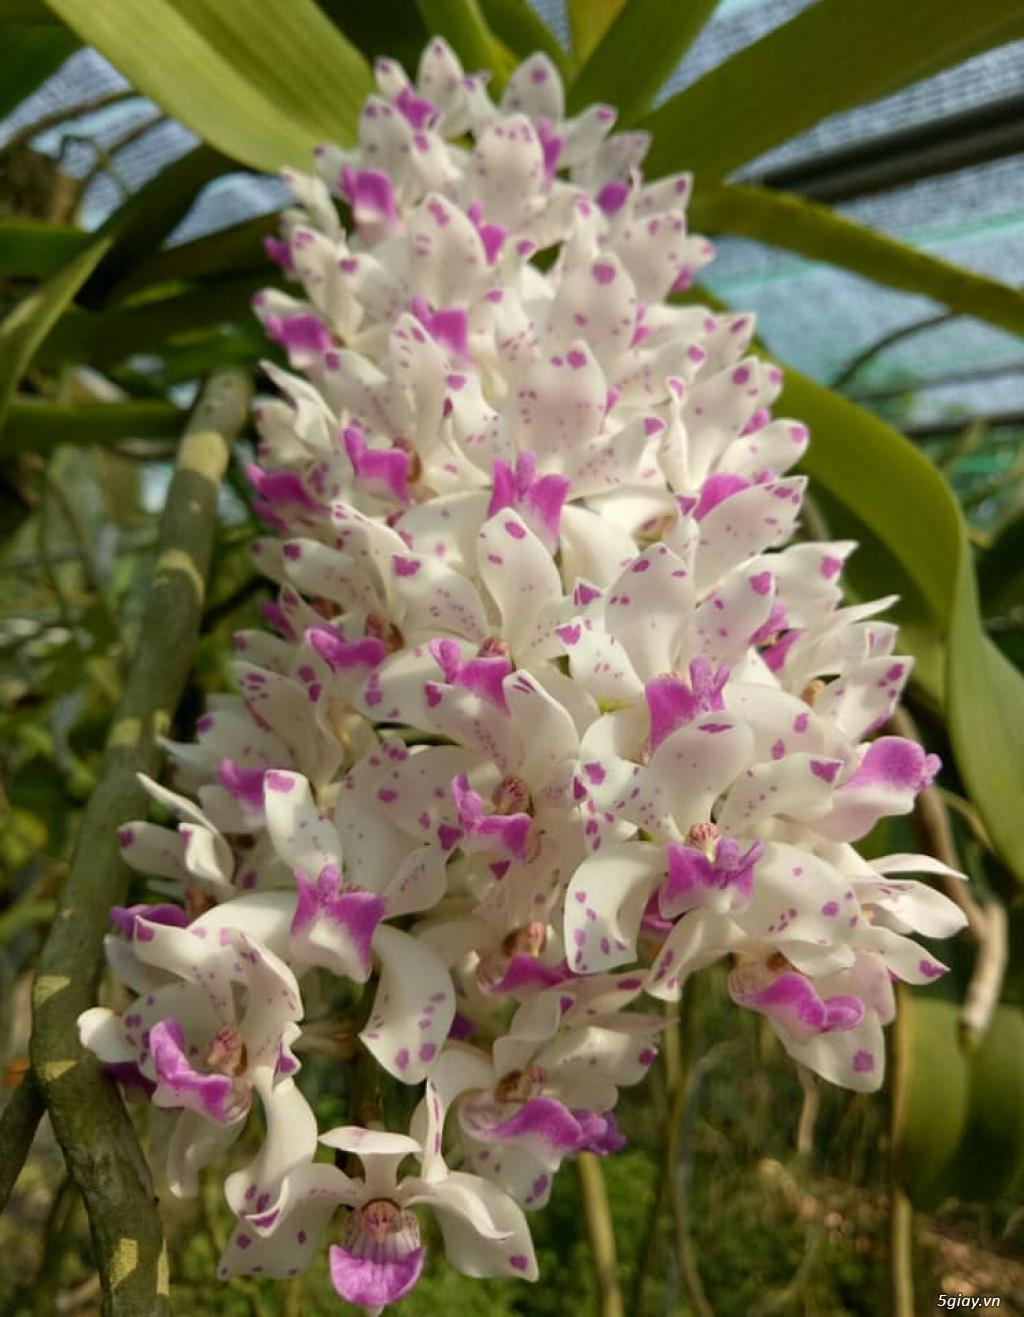 Hoa lan Ngọc Điểm - Nghinh Xuân - Đai Châu rừng trồng thuần tại vườn - 16